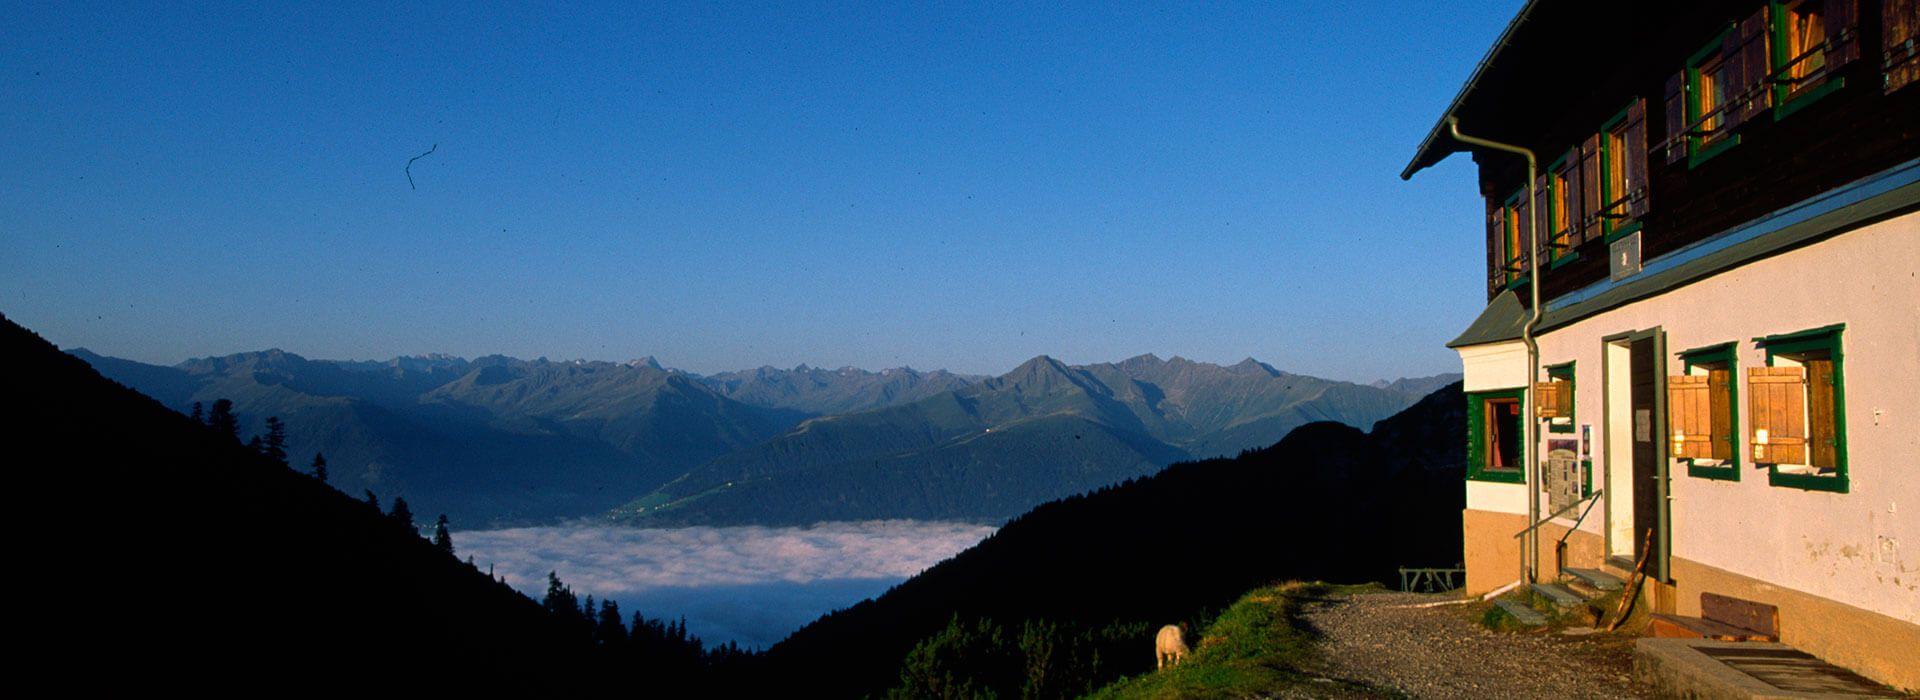 Blick am Solsteinhaus vorbei Richtung Süden mit Nebel über dem Inntal.